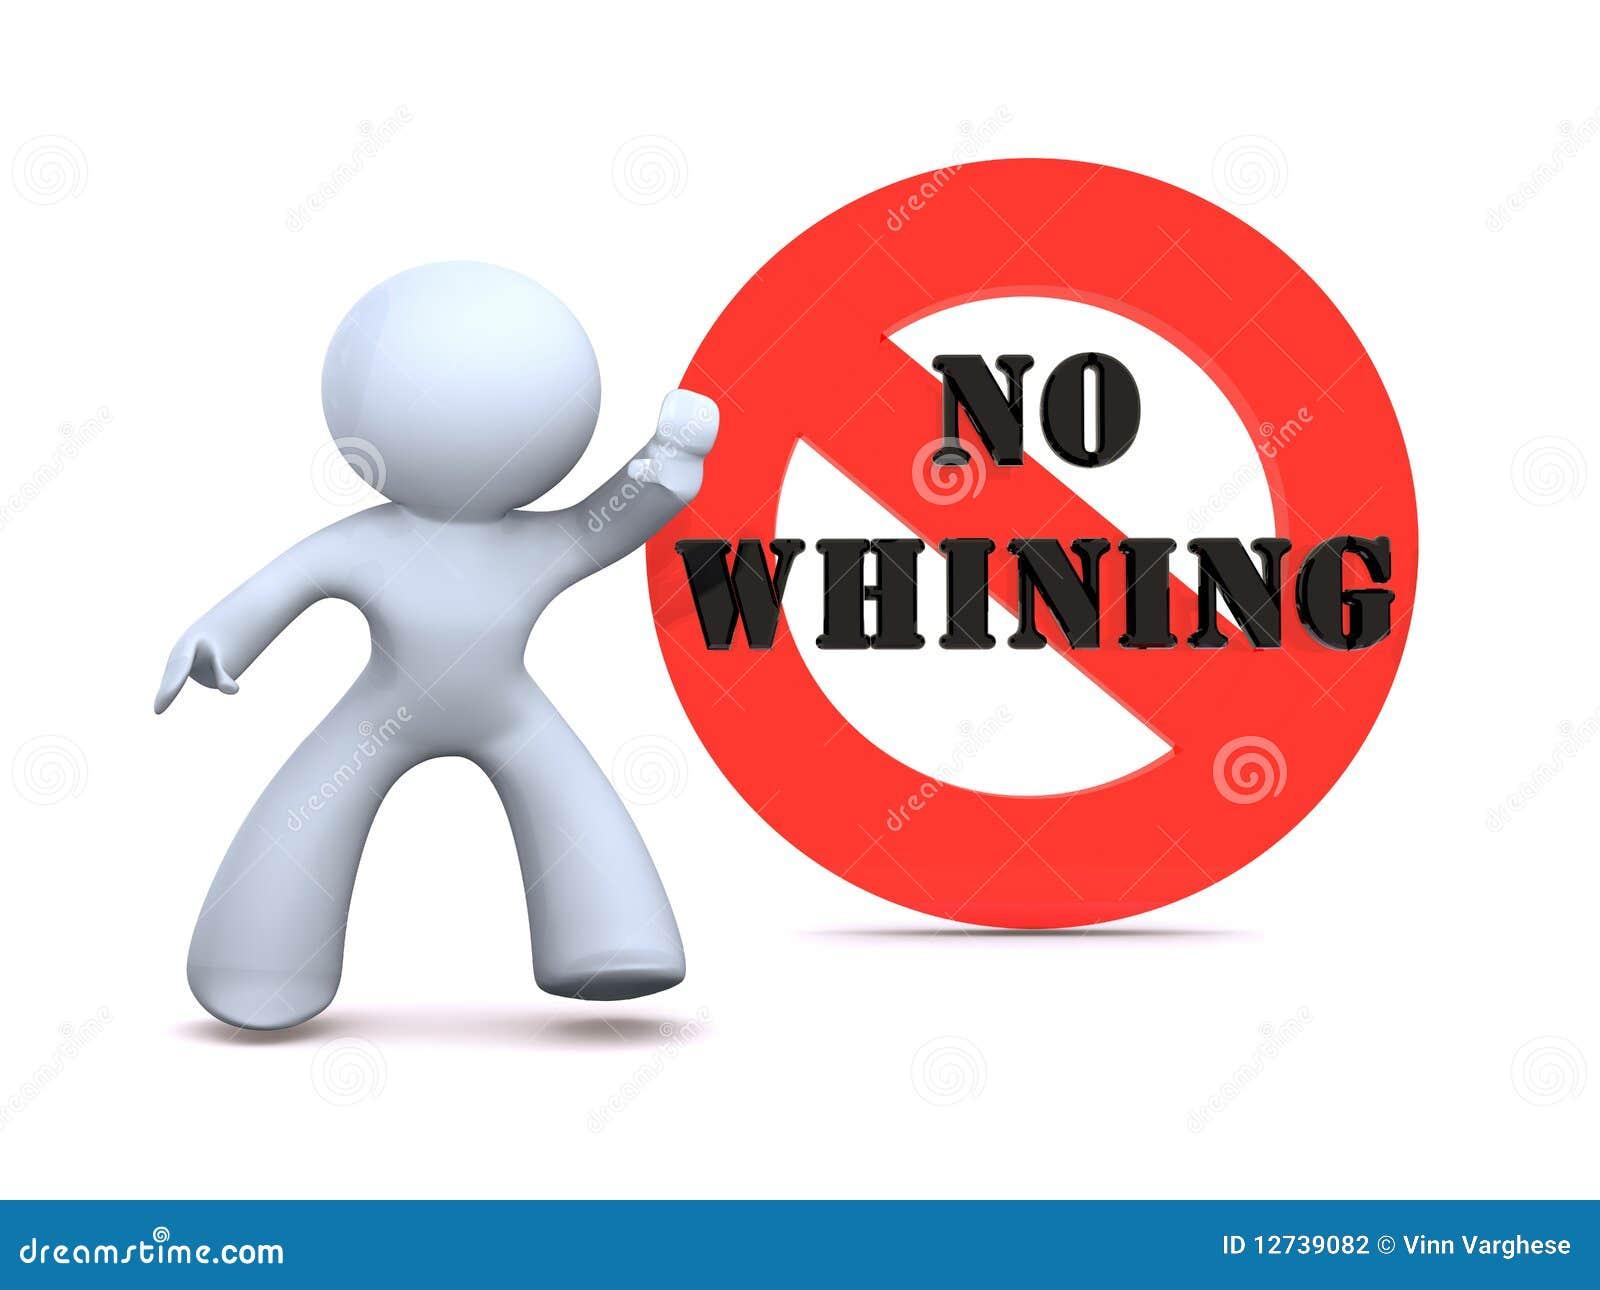 No whining stock illustration. Illustration of logo, white ...